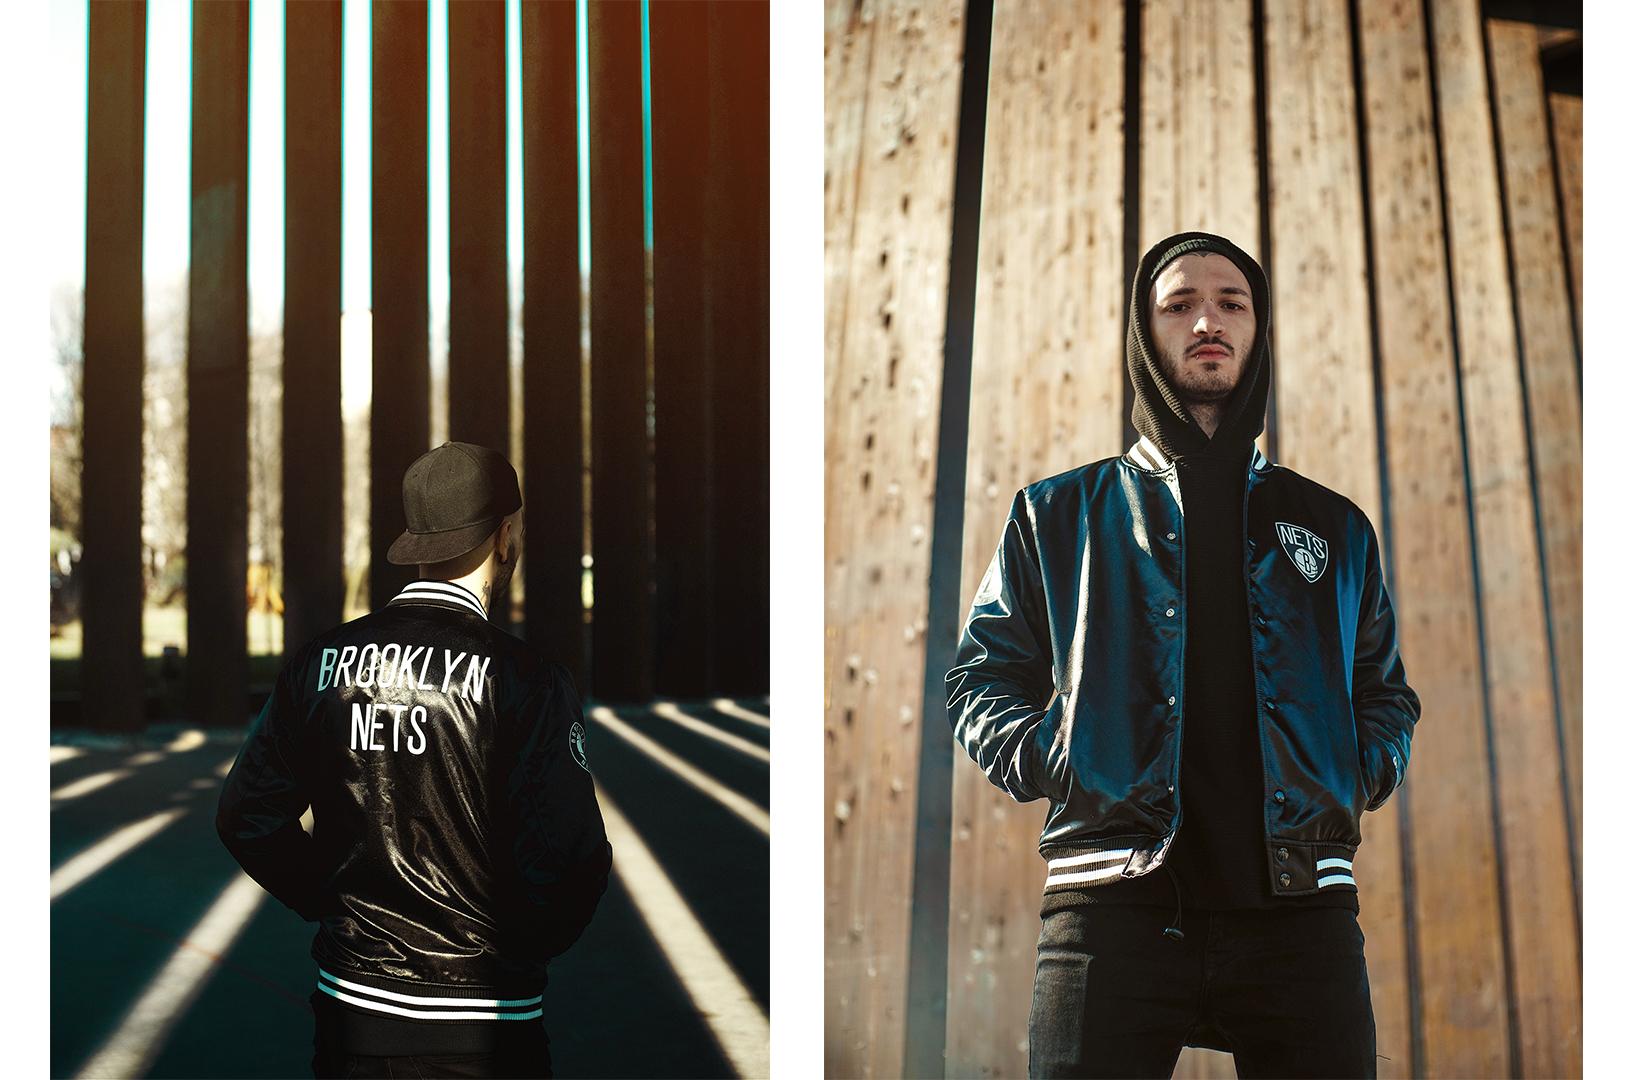 La nuova collezione di abbigliamento New Era X NBA | Collater.al